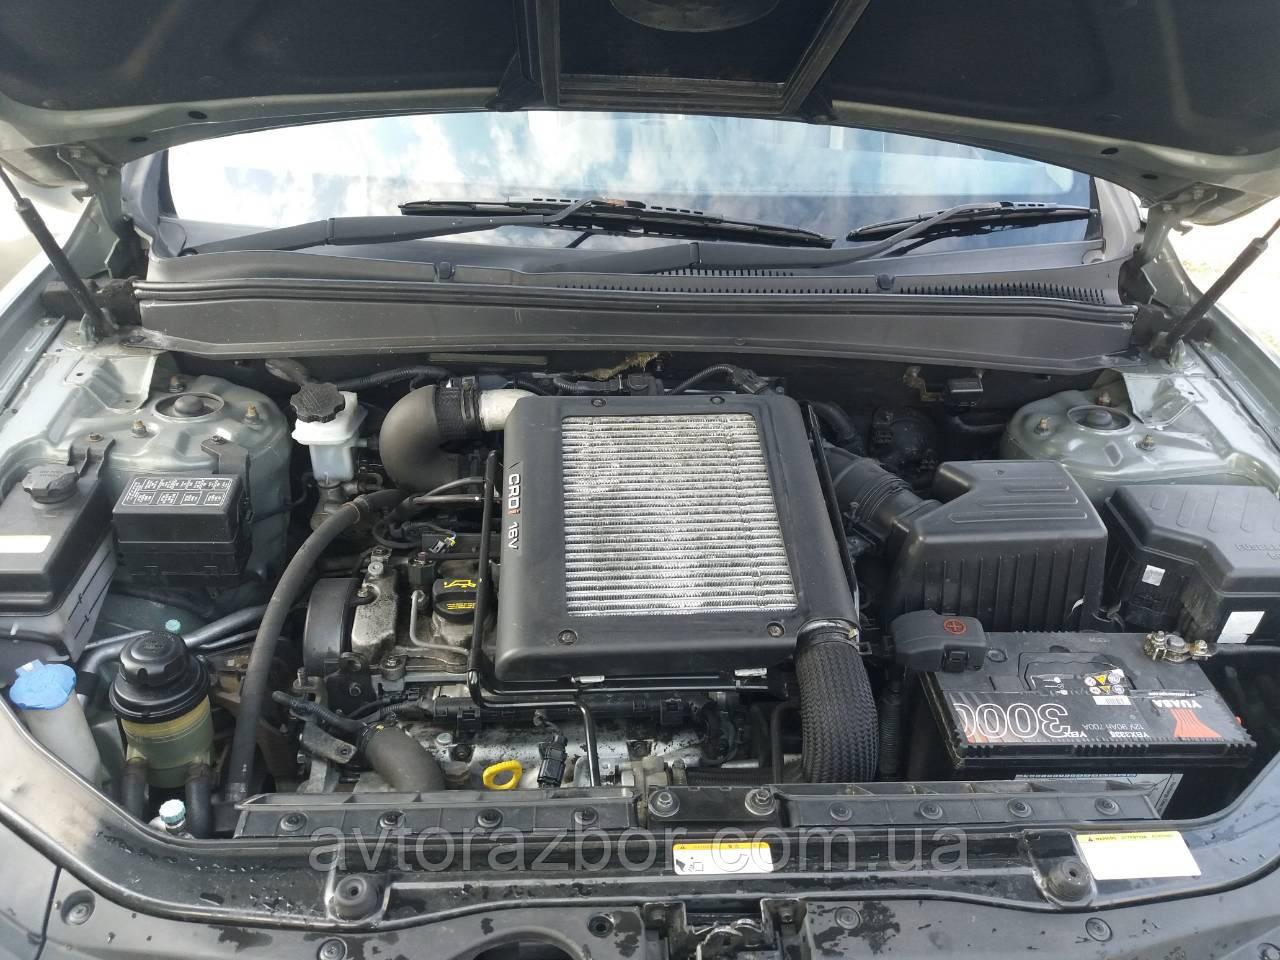 Двигатель двигун мотор hyundai santa fe 2006 2007 2008 2009 2010 хюндай санта фе 2.2